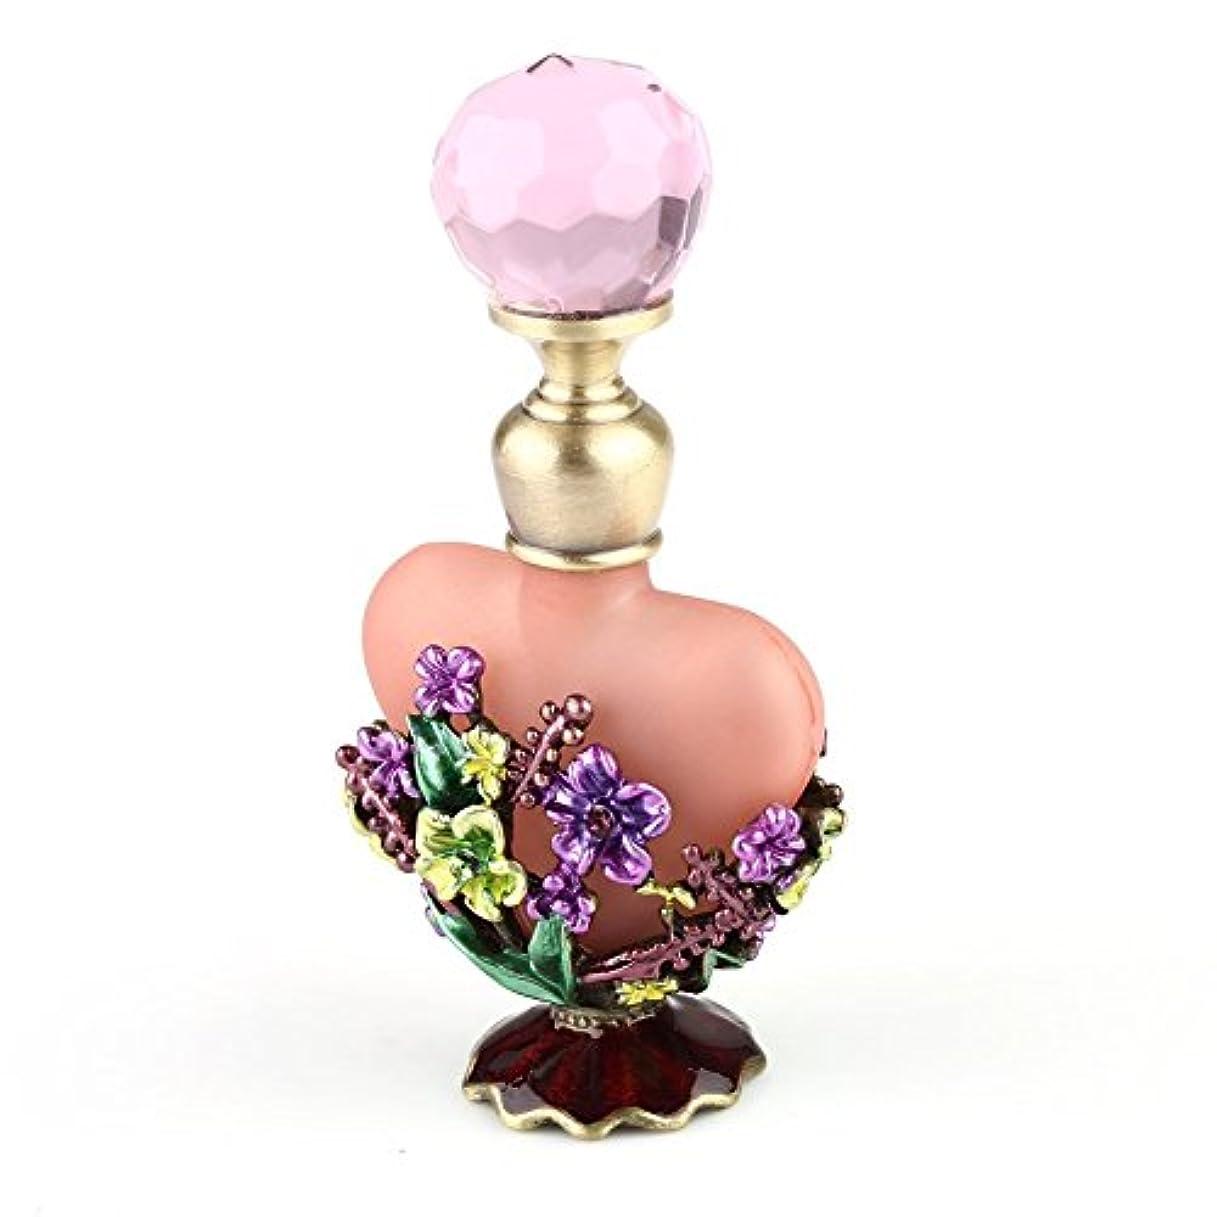 同種の勉強する統治可能VERY100 高品質 美しい香水瓶/アロマボトル 5ML ピンク アロマオイル用瓶 綺麗アンティーク調フラワーデザイン プレゼント 結婚式 飾り